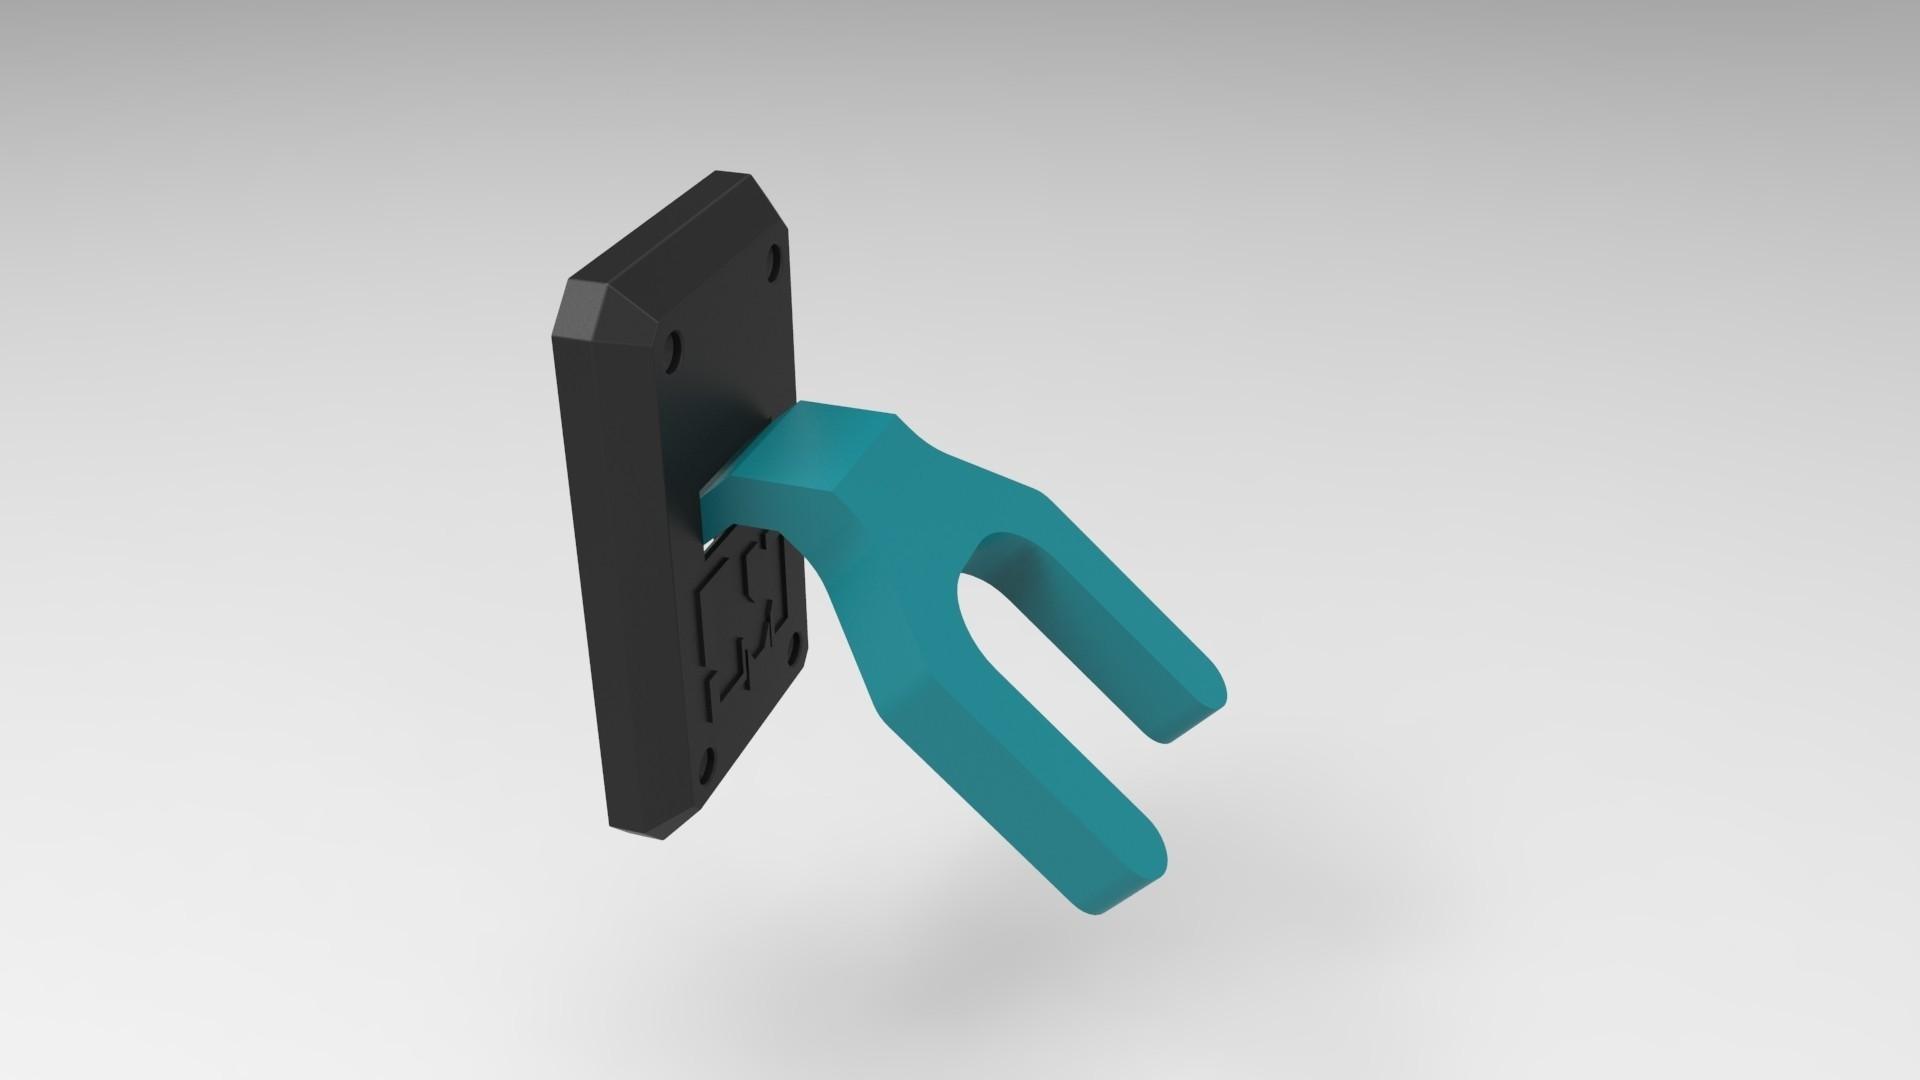 untitled.429.jpg Télécharger fichier STL gratuit support de guitare • Design à imprimer en 3D, marinmau